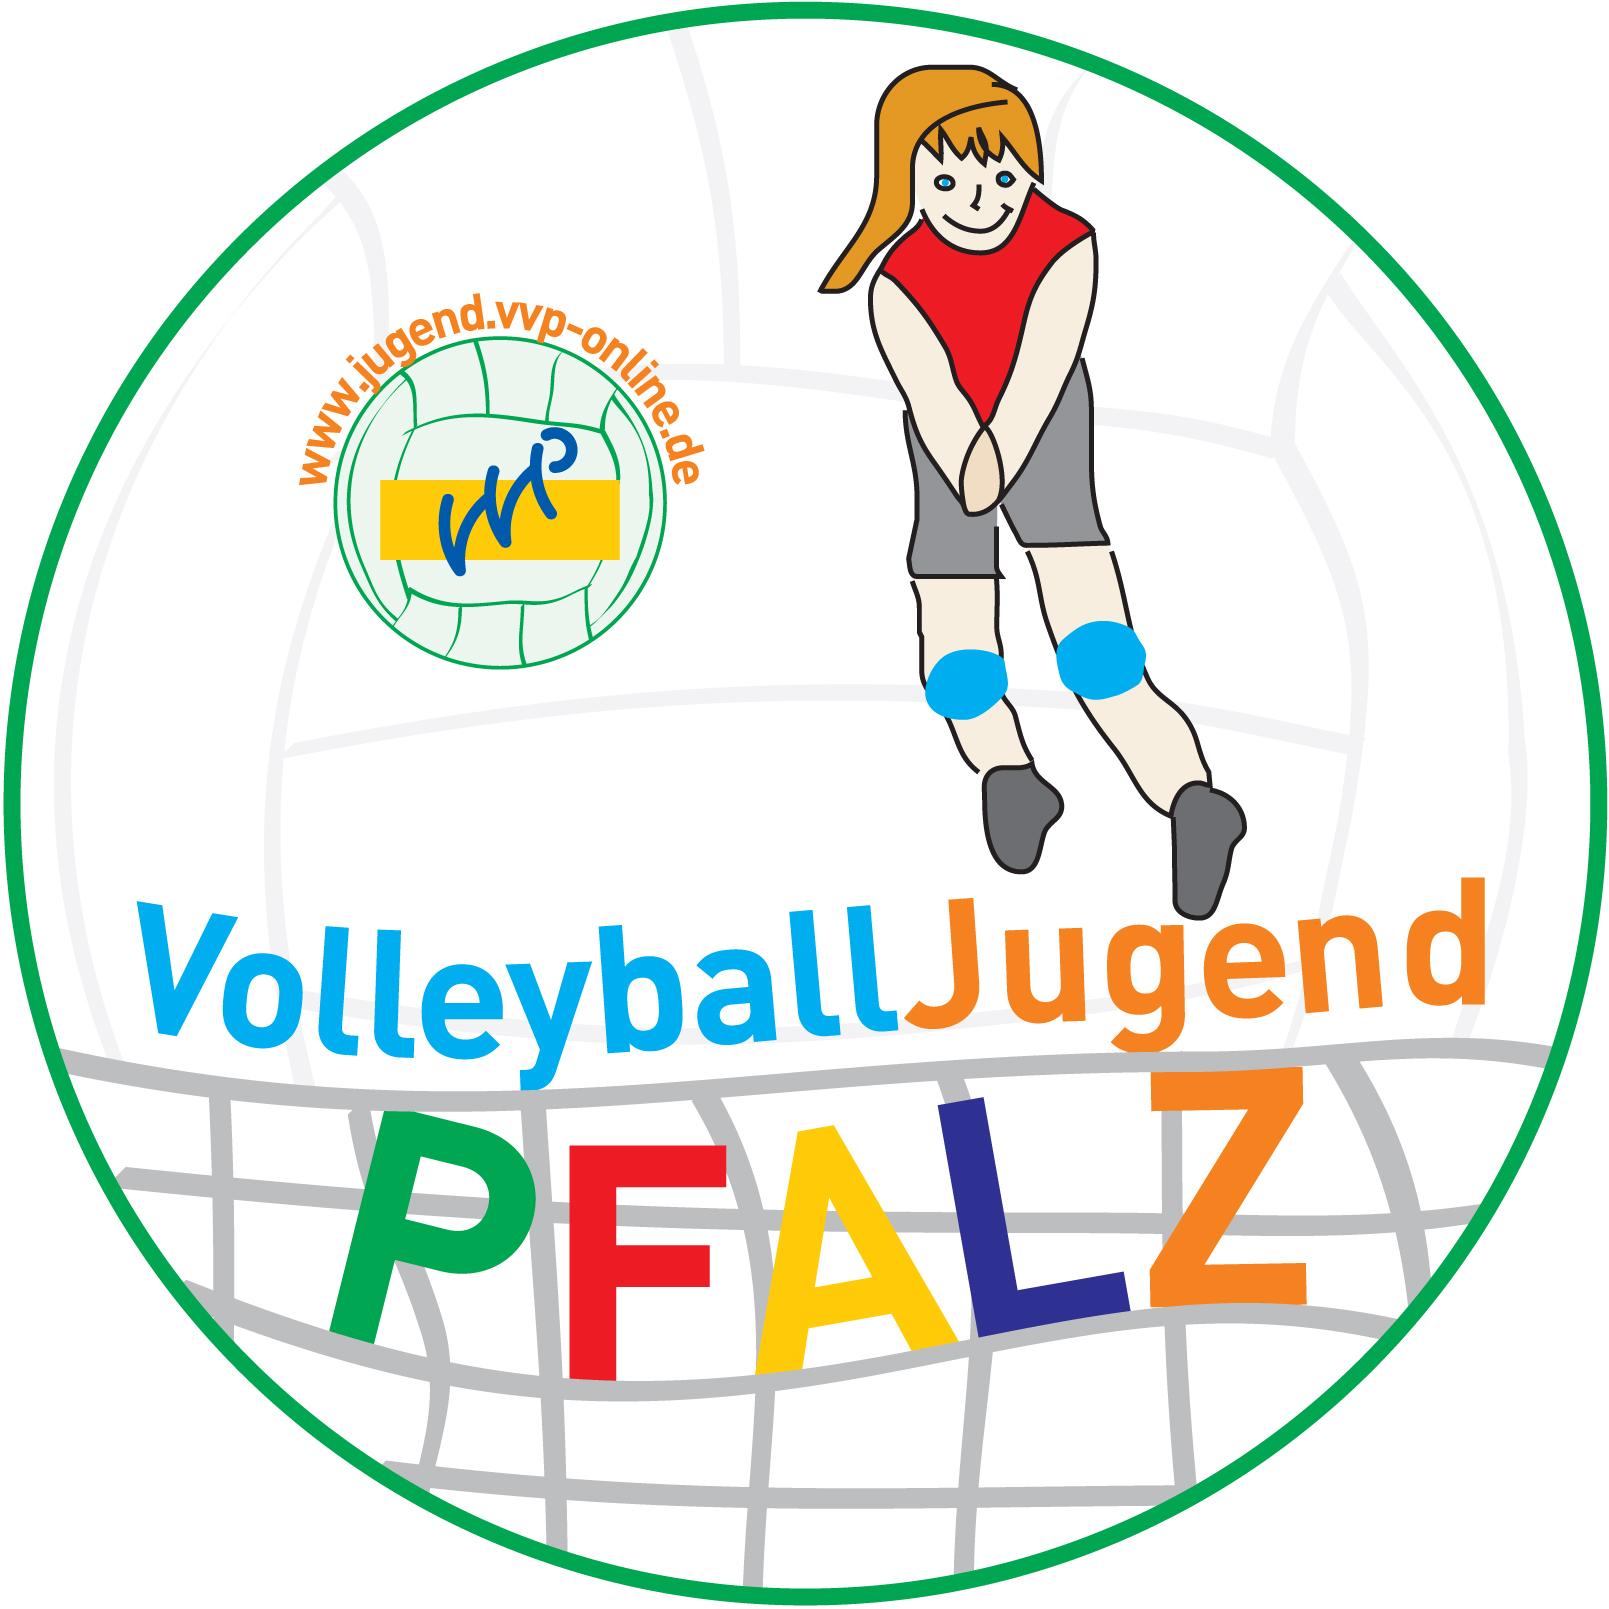 VVP_Logo_VJP.jpg